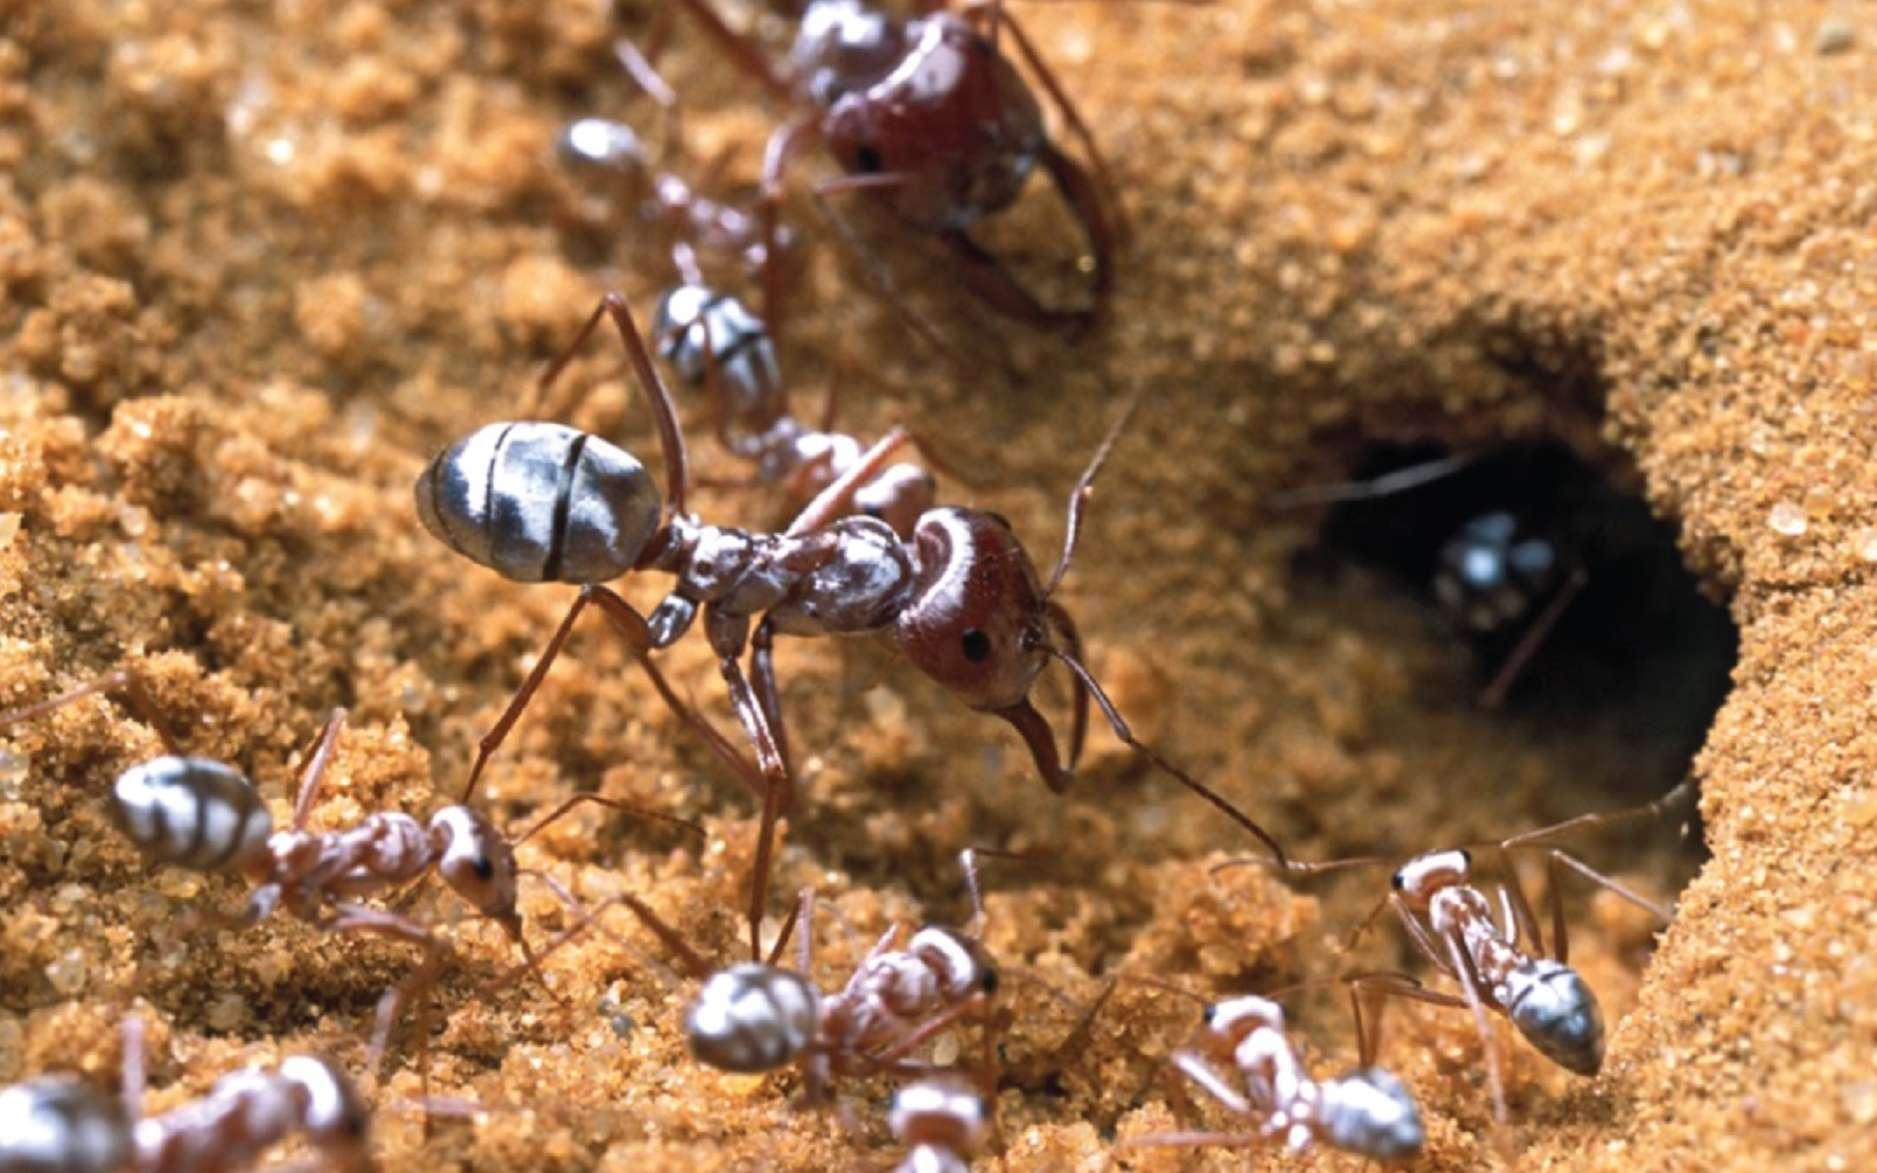 La fourmi argentée du Sahara possède des poils aux propriétés optiques étonnantes. Pour mieux les étudier, les chercheurs les ont rasées avec un scalpel bien aiguisé… © P. Landmann